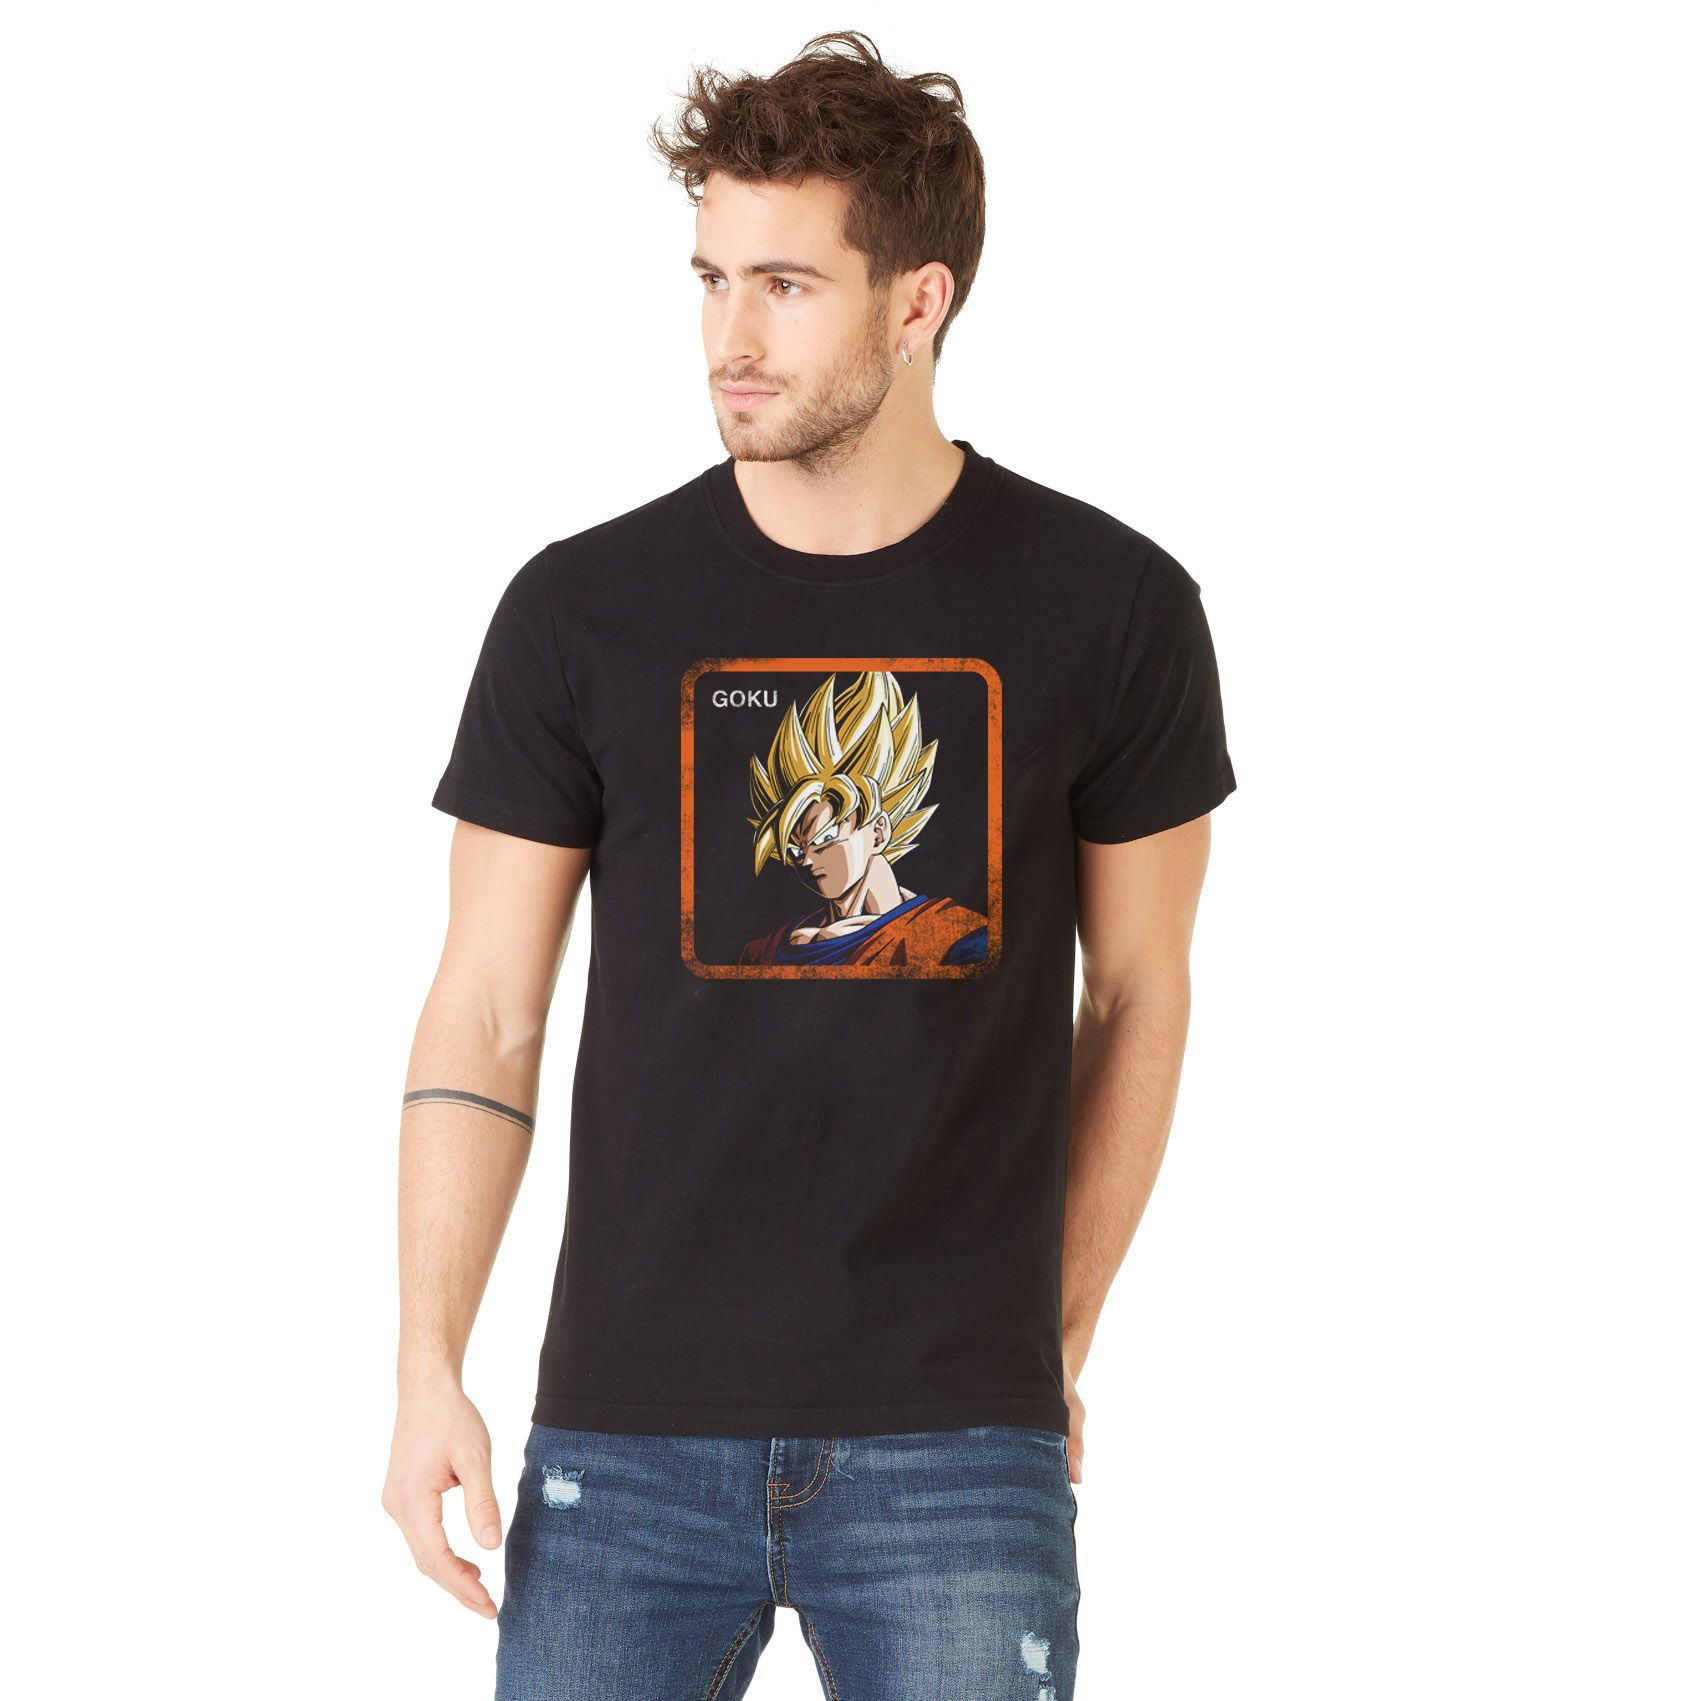 T-shirt homme dragon ball z goku noir